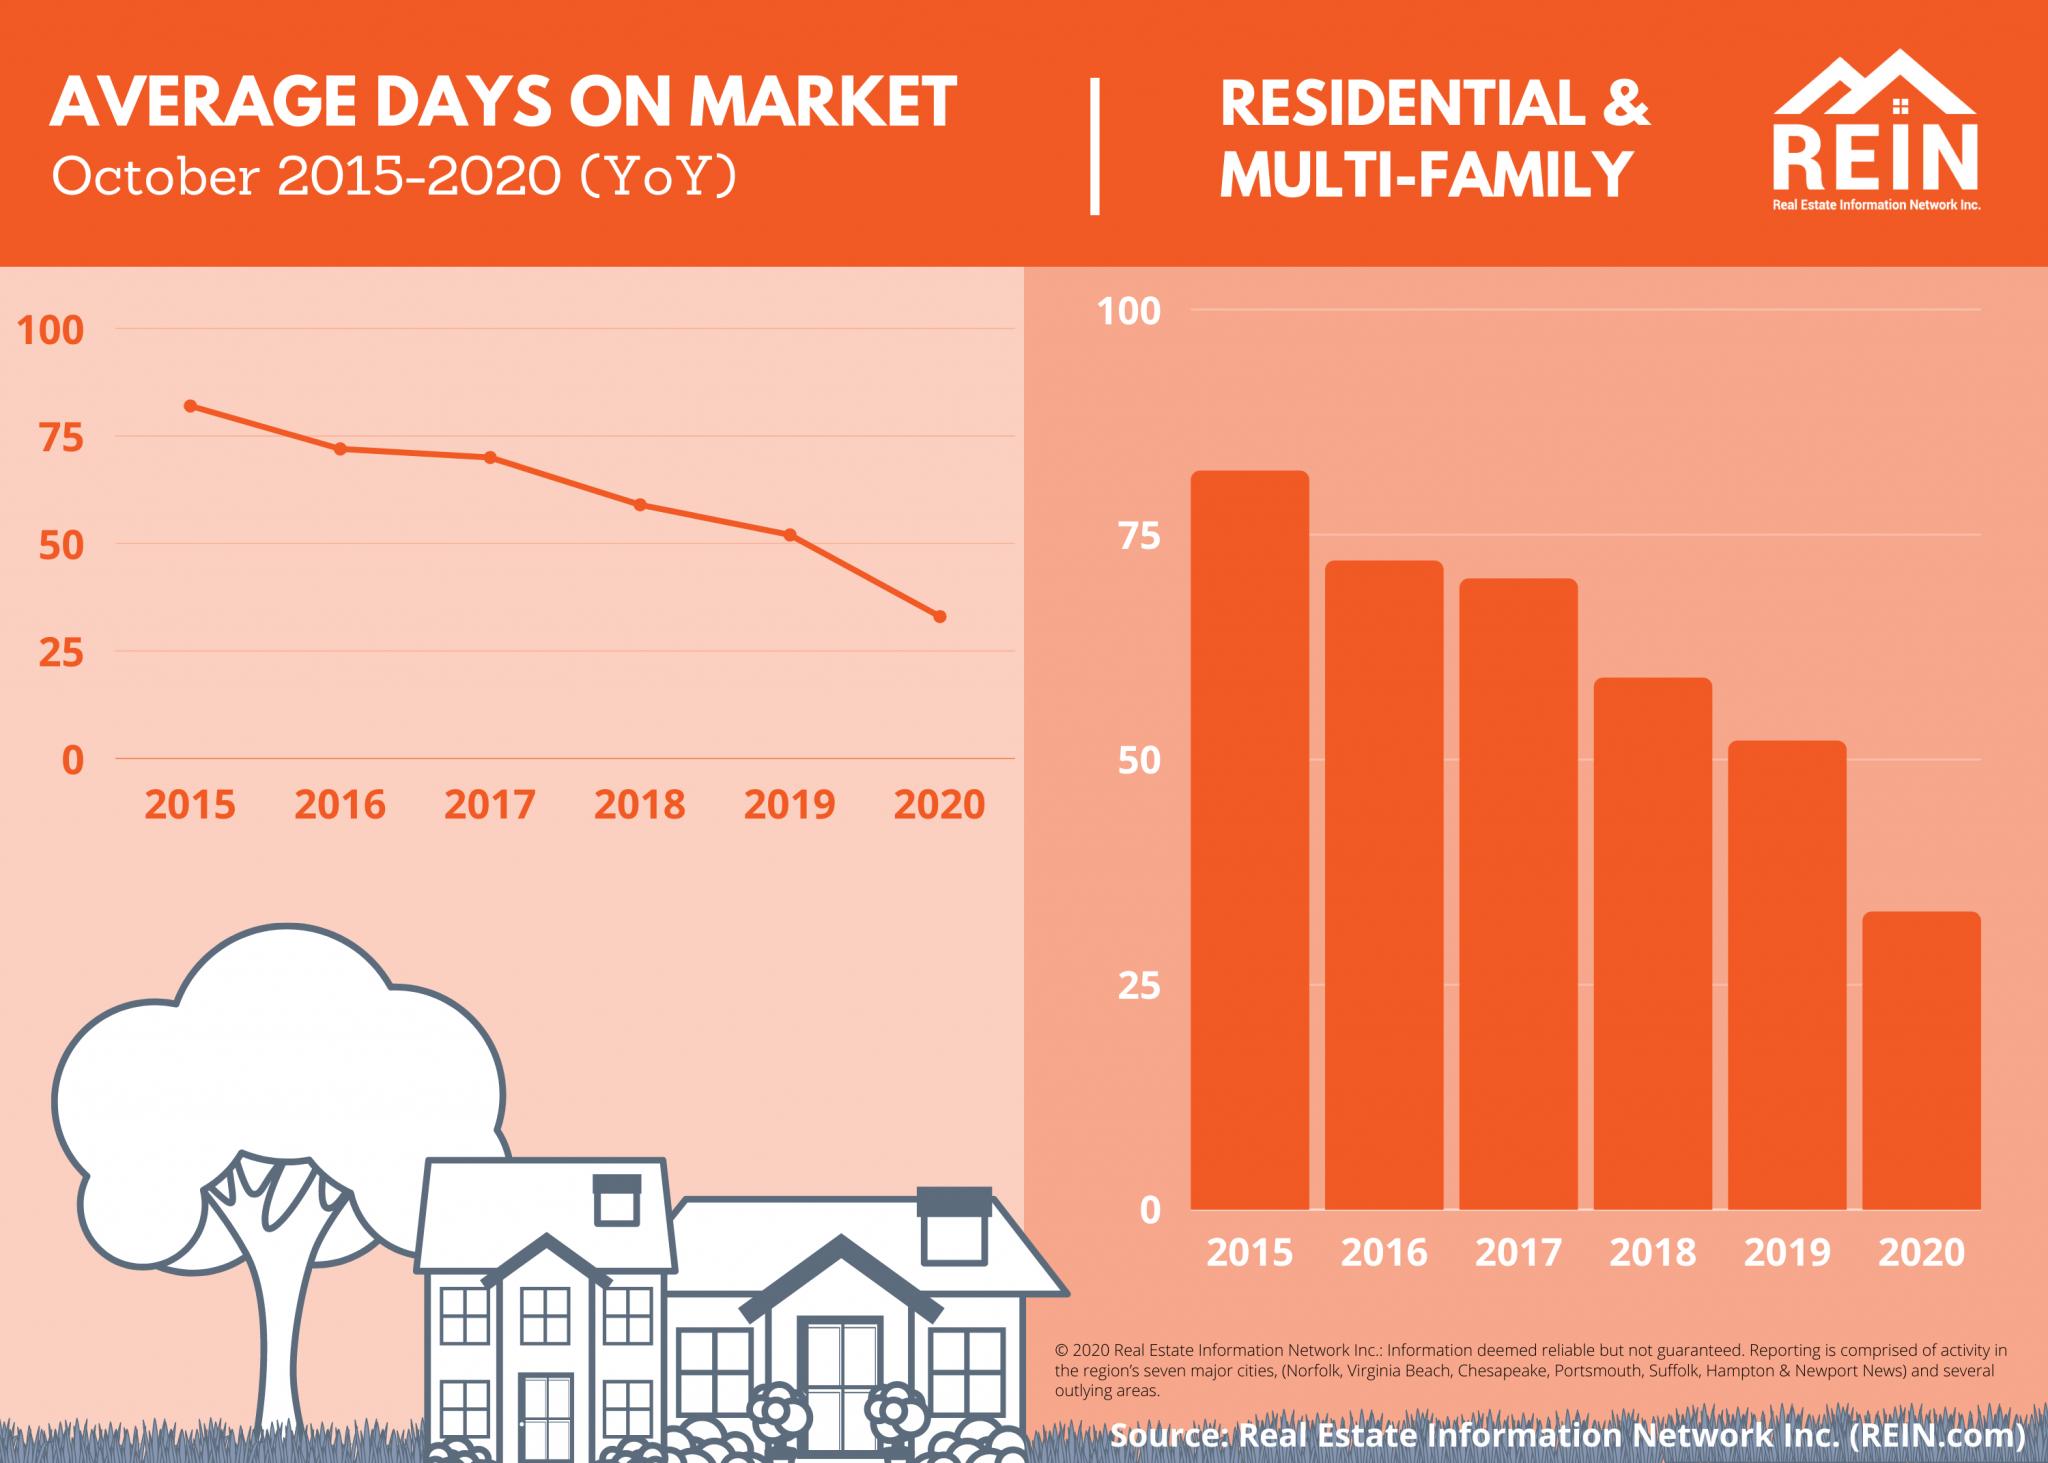 Average days on market declining, rein statistics